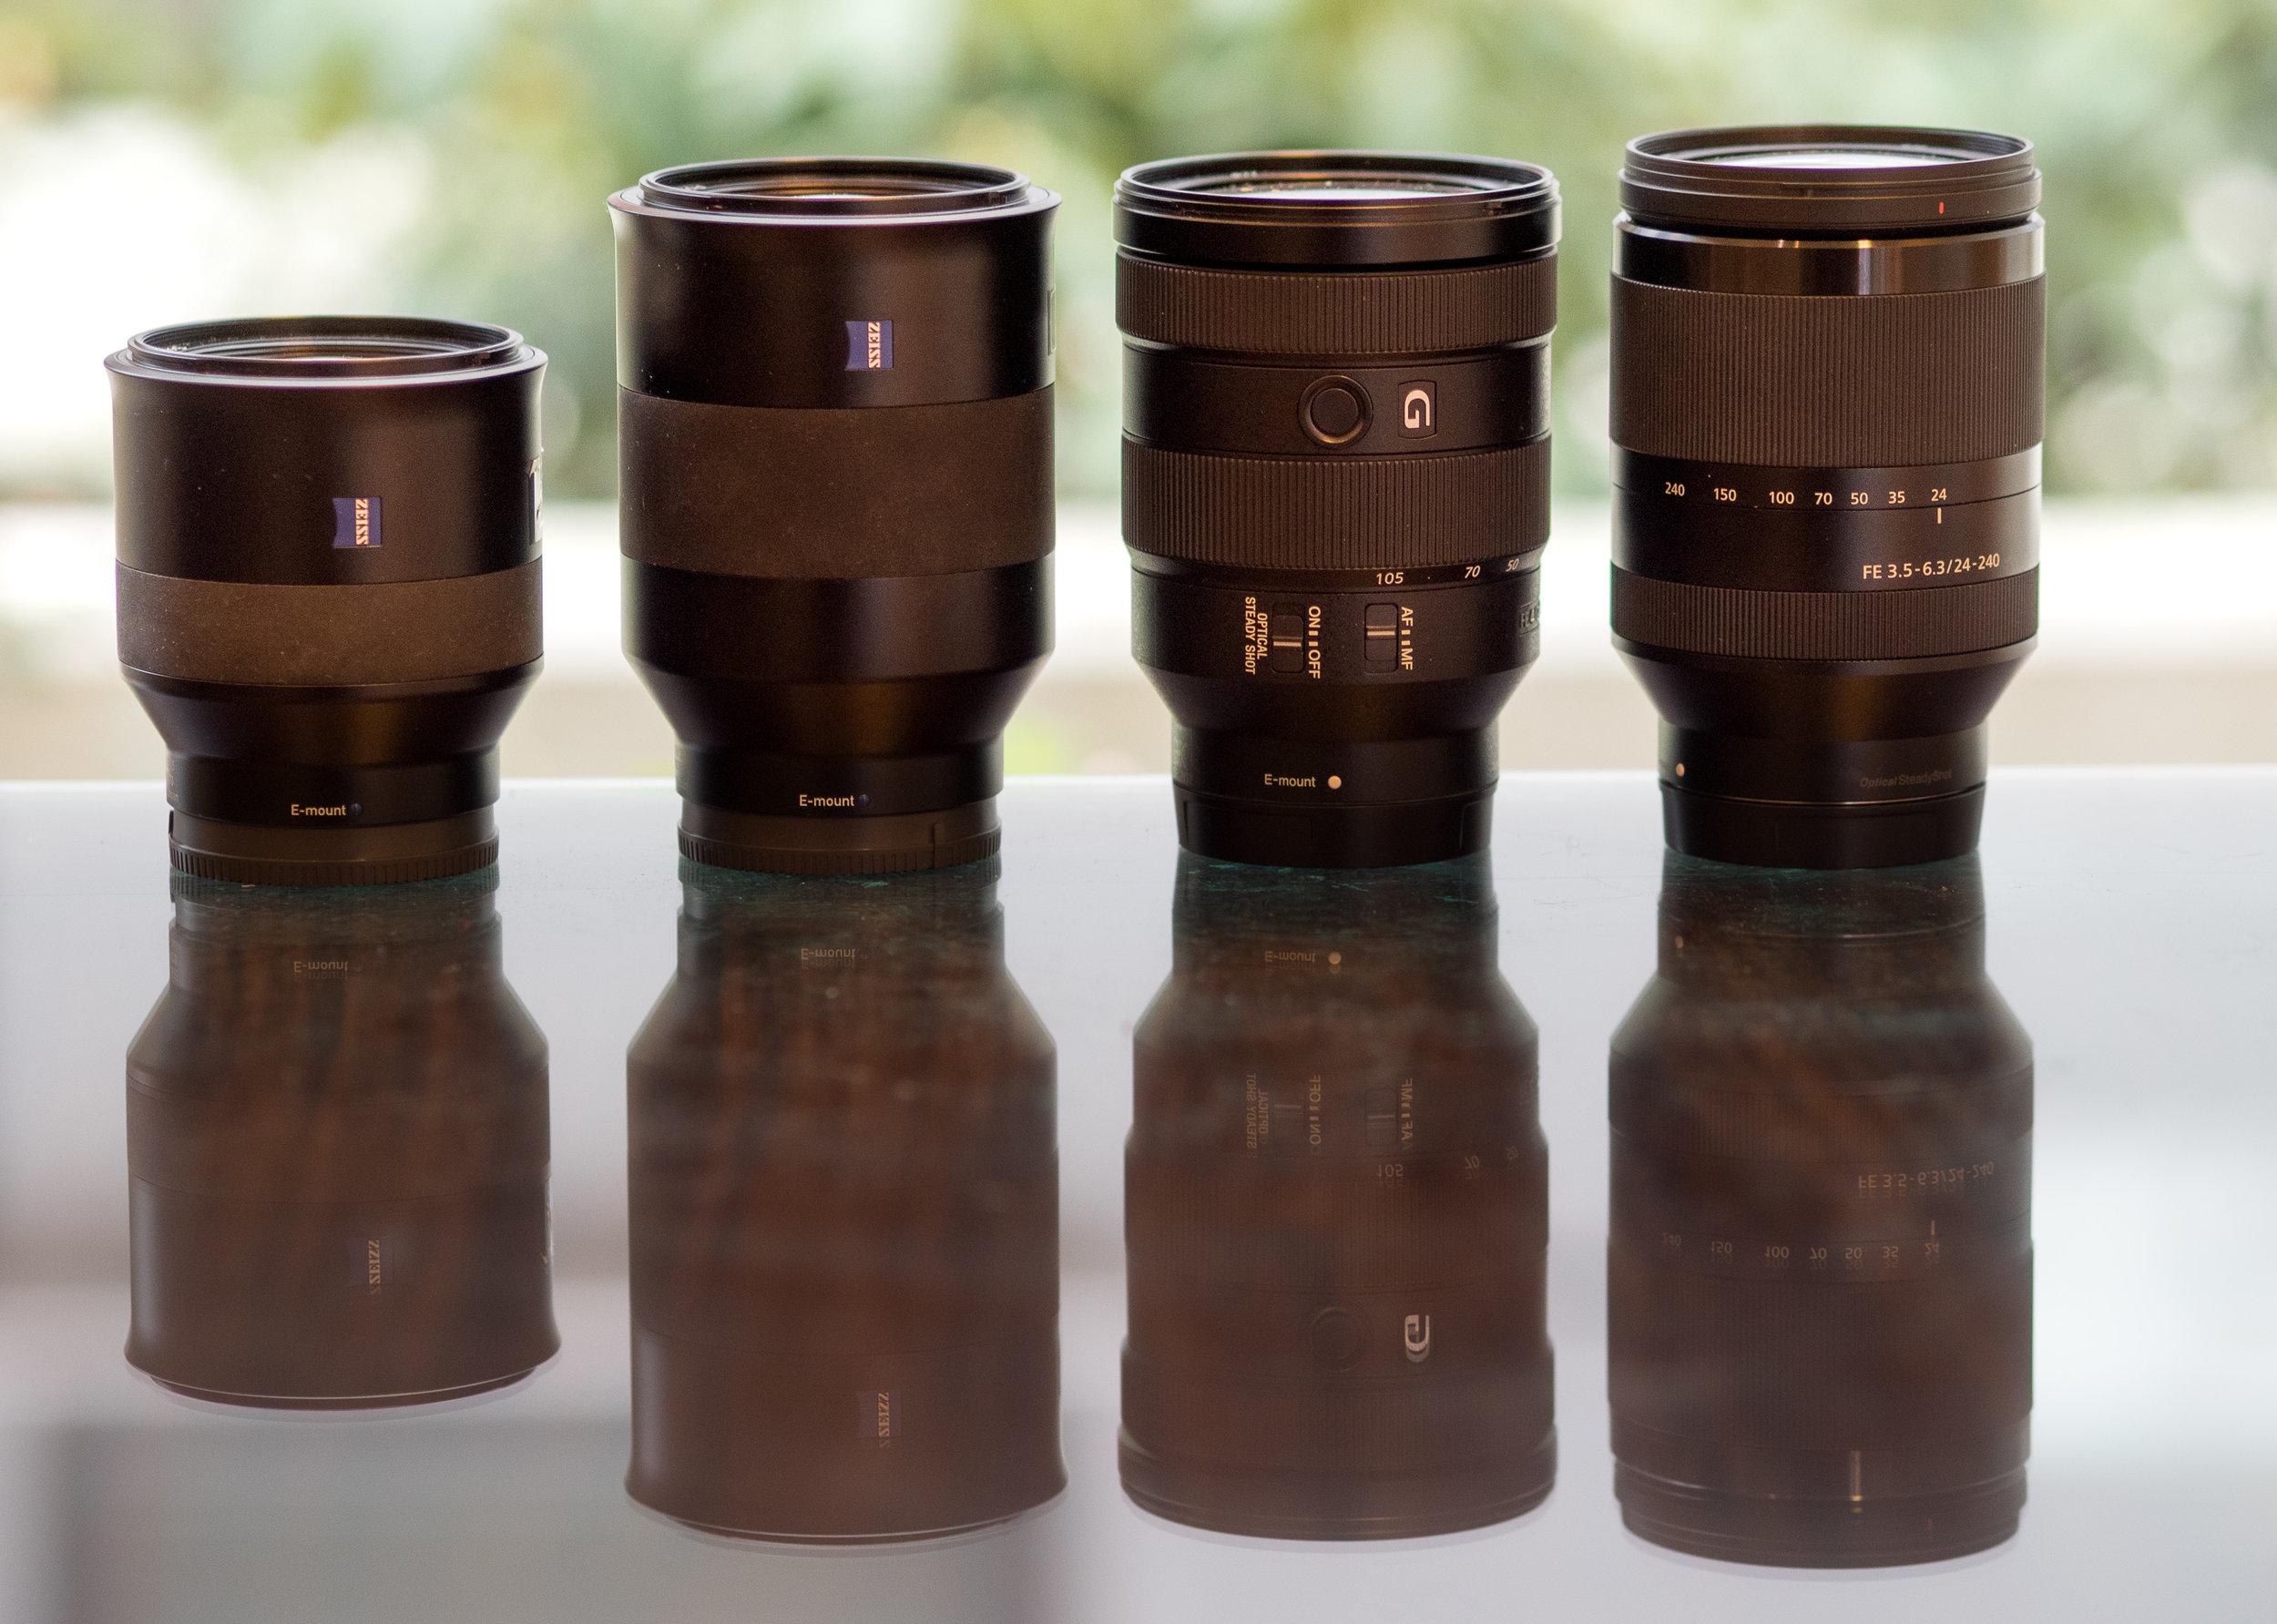 L to R: Batis 1.8/85, Batis 2.8/135, f4/24-105 G, f3.5-6.3/24-240 (taken with Olympus 75mm f/1.8)